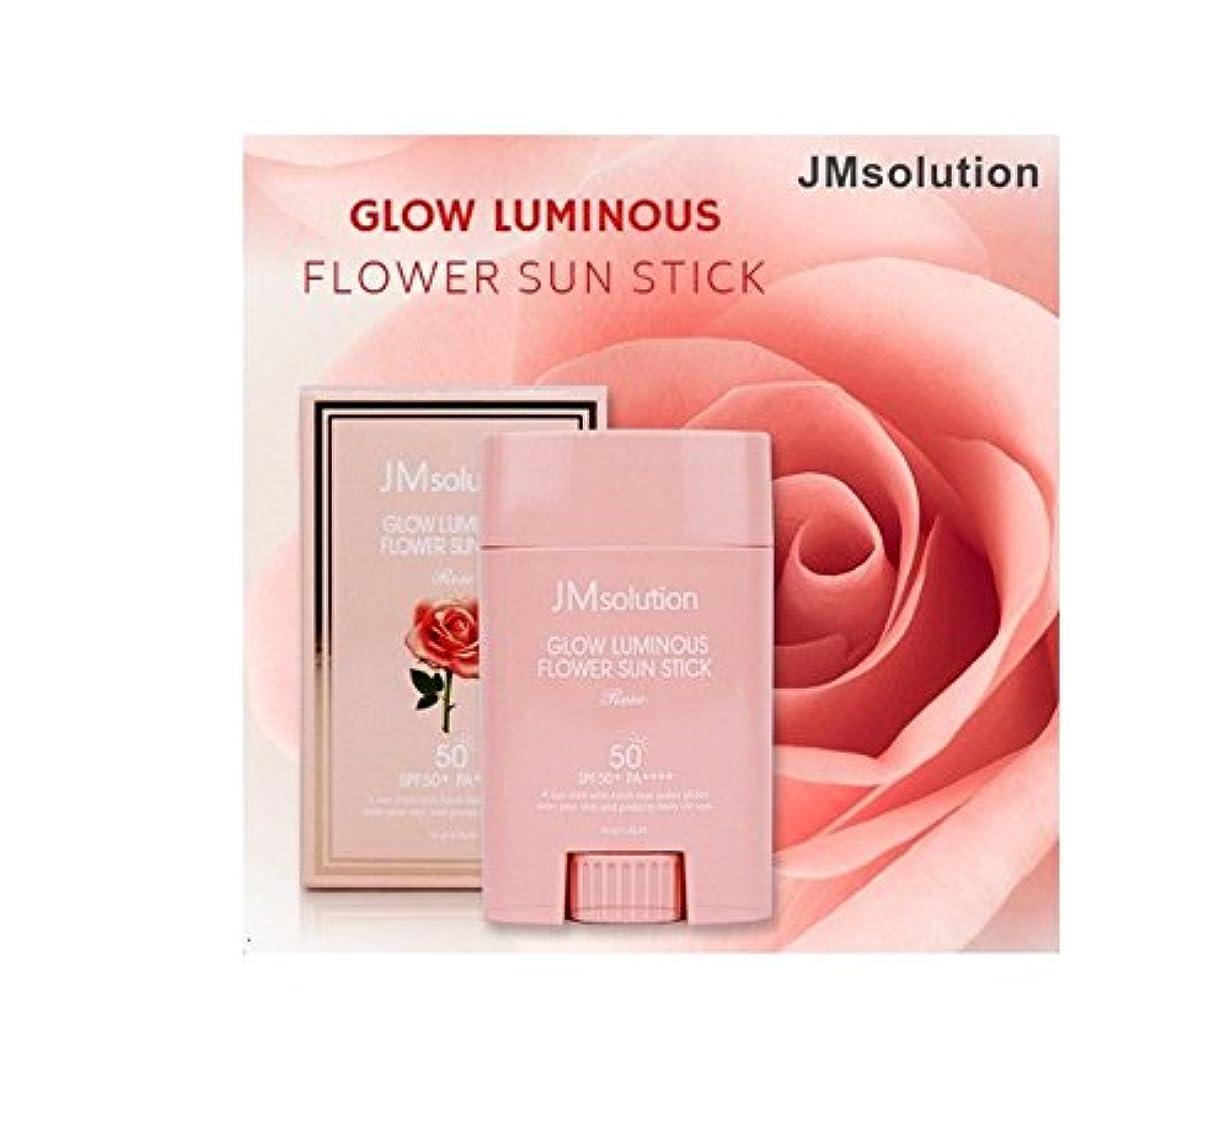 飛行場今チャットJM Solution Glow Luminous Flower Sun Stick Rose 21g (spf50 PA) 光る輝く花Sun Stick Rose